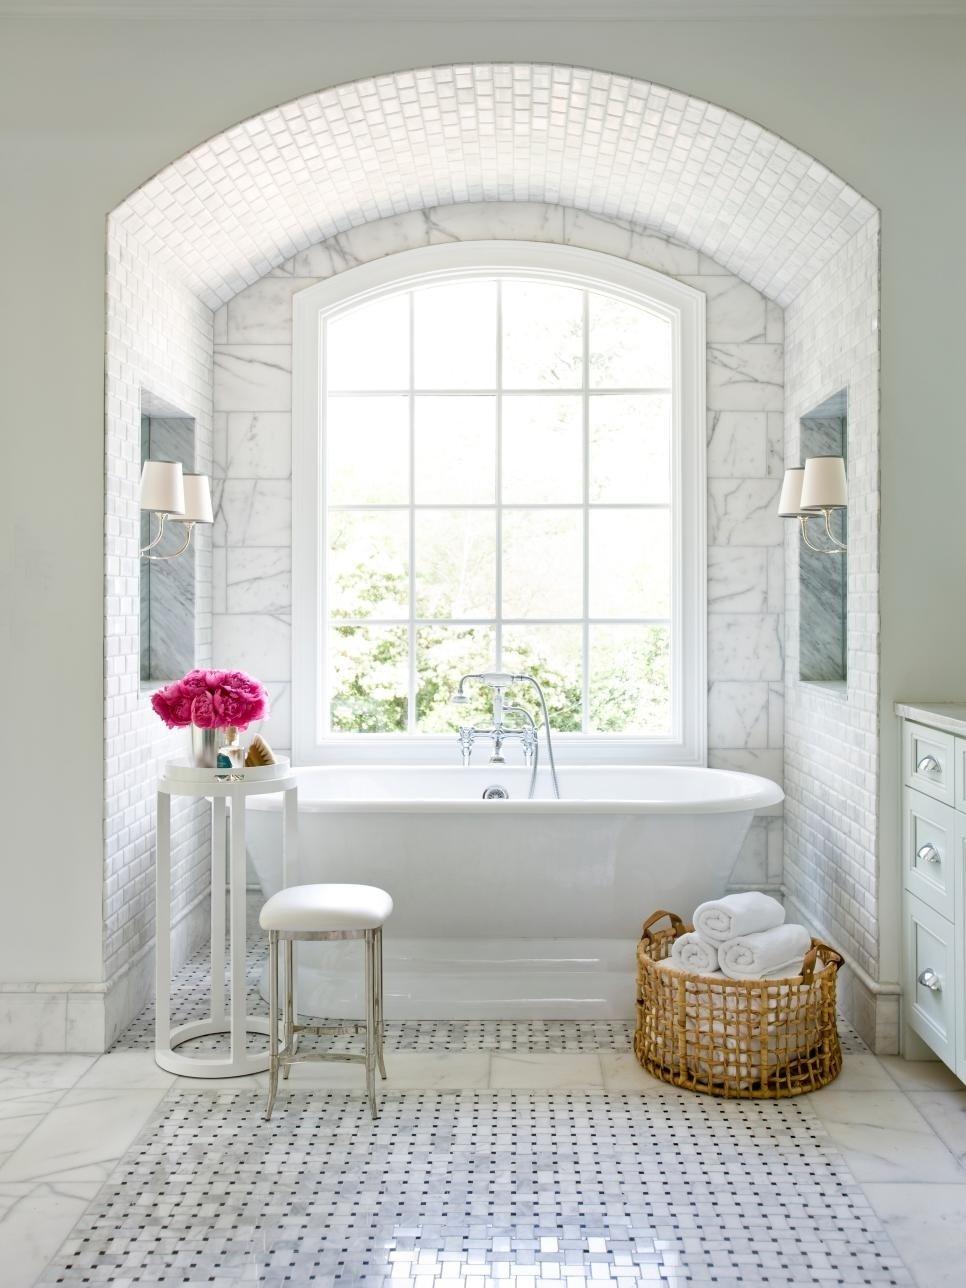 10 Great Small Bathroom Floor Tile Ideas small bathroom tile ideas floor top bathroom small bathroom tile 2020